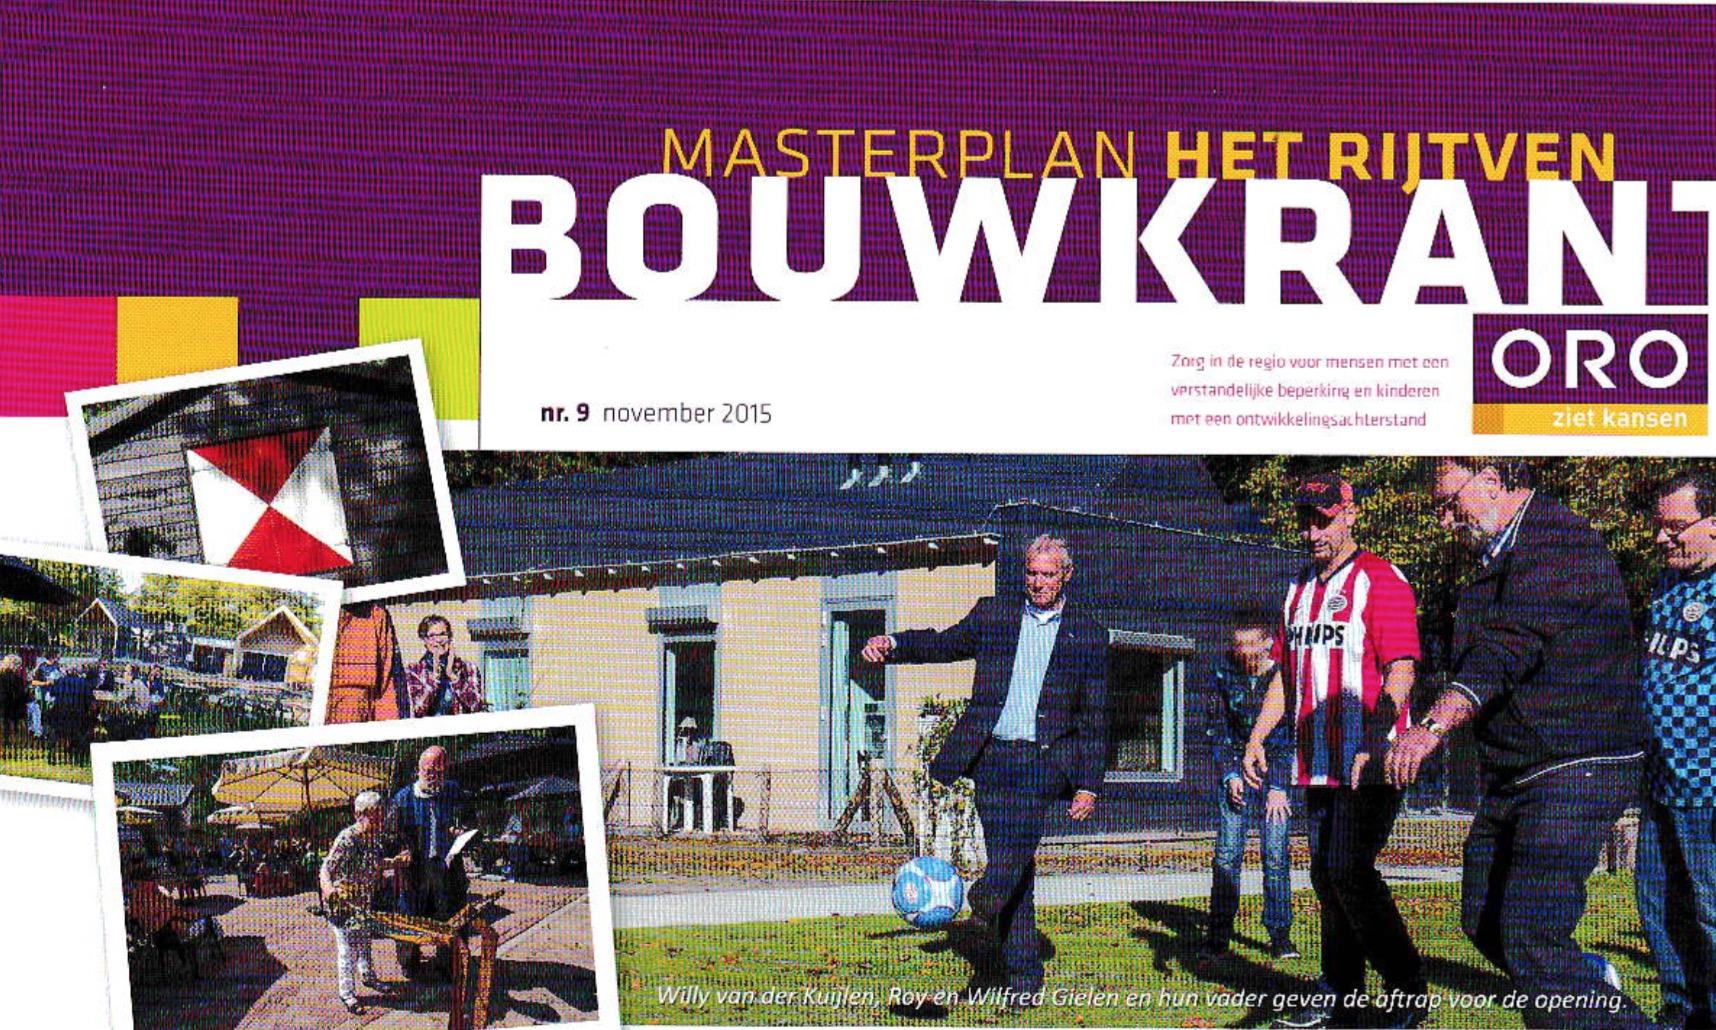 Bouwkrant met de voortgang van de bouw aan het Masterplan Het Rijtven in Deurne